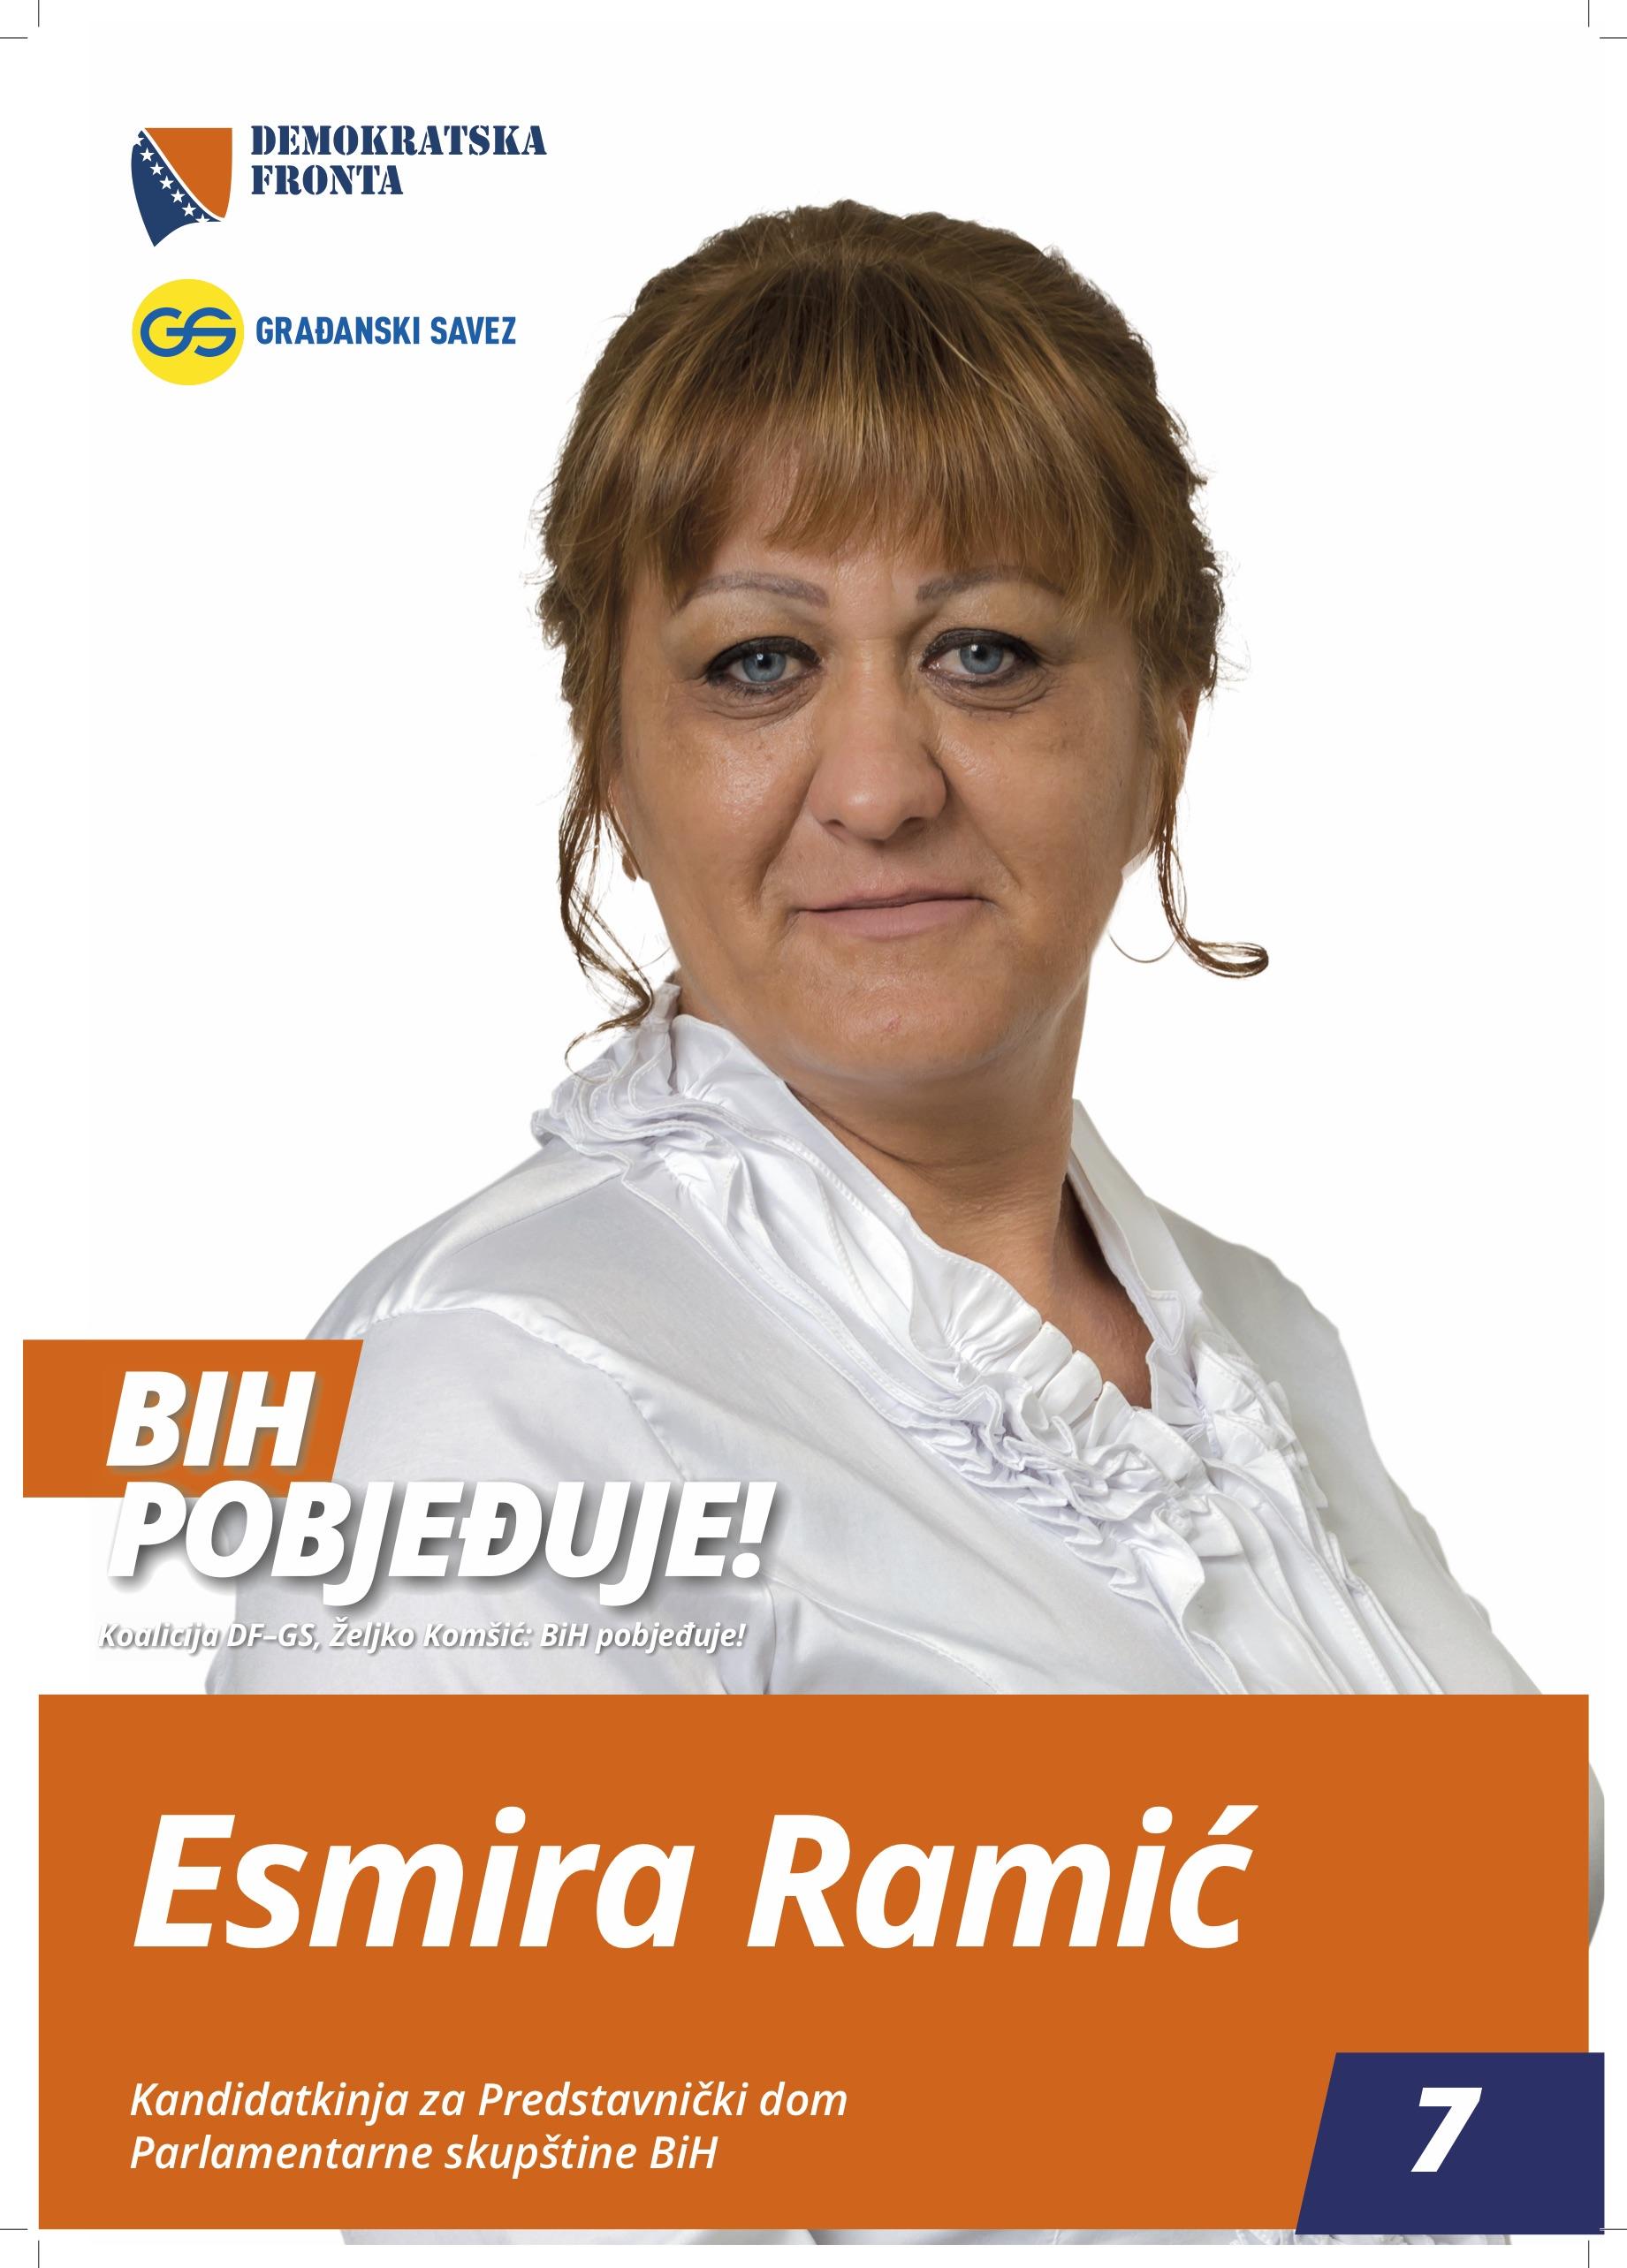 Esmira Ramić, nastavnik razredne nastave